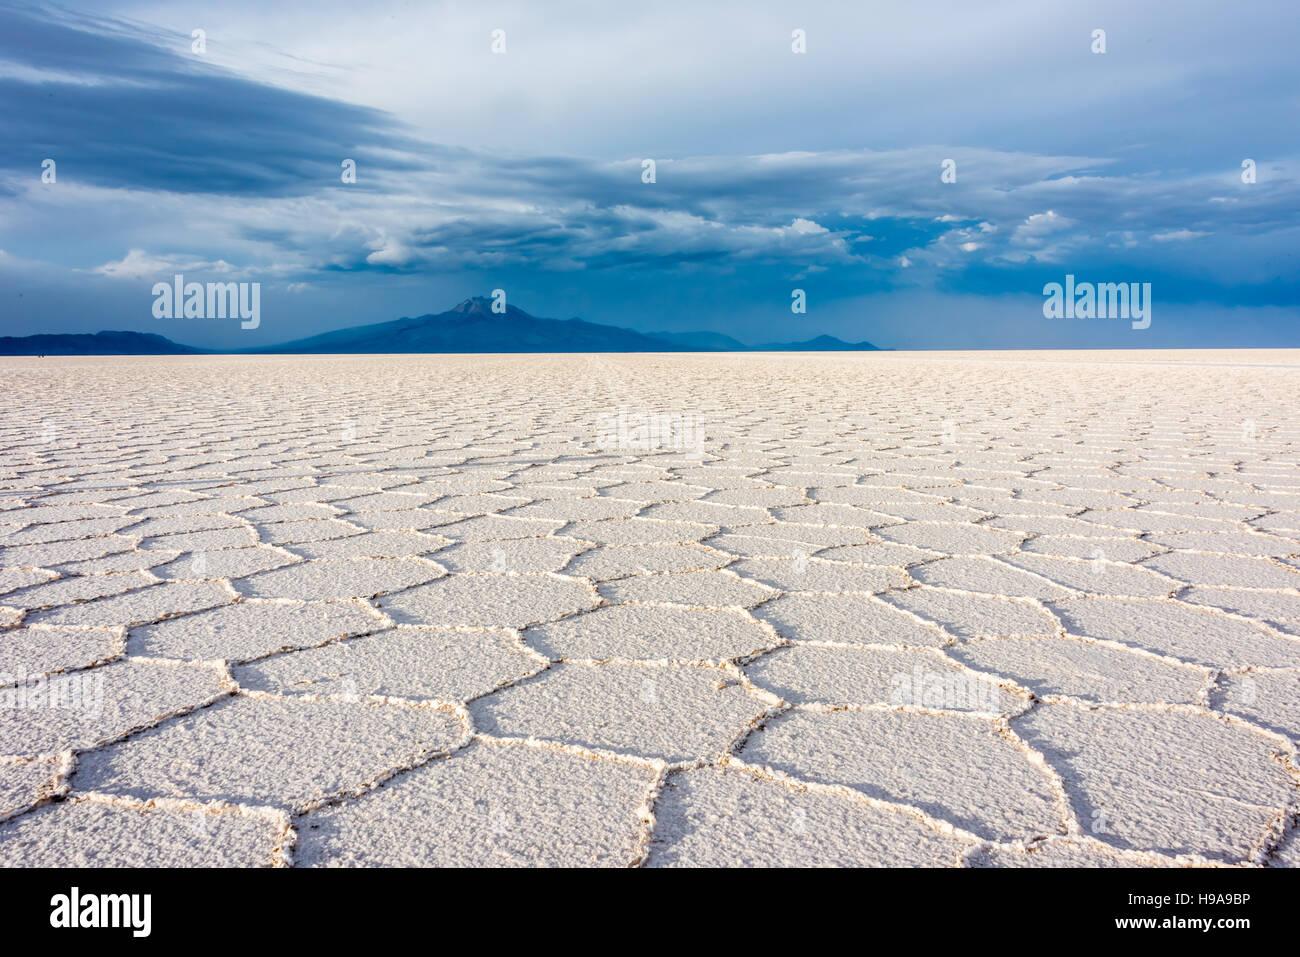 Bolivian Salt Flats - Stock Image